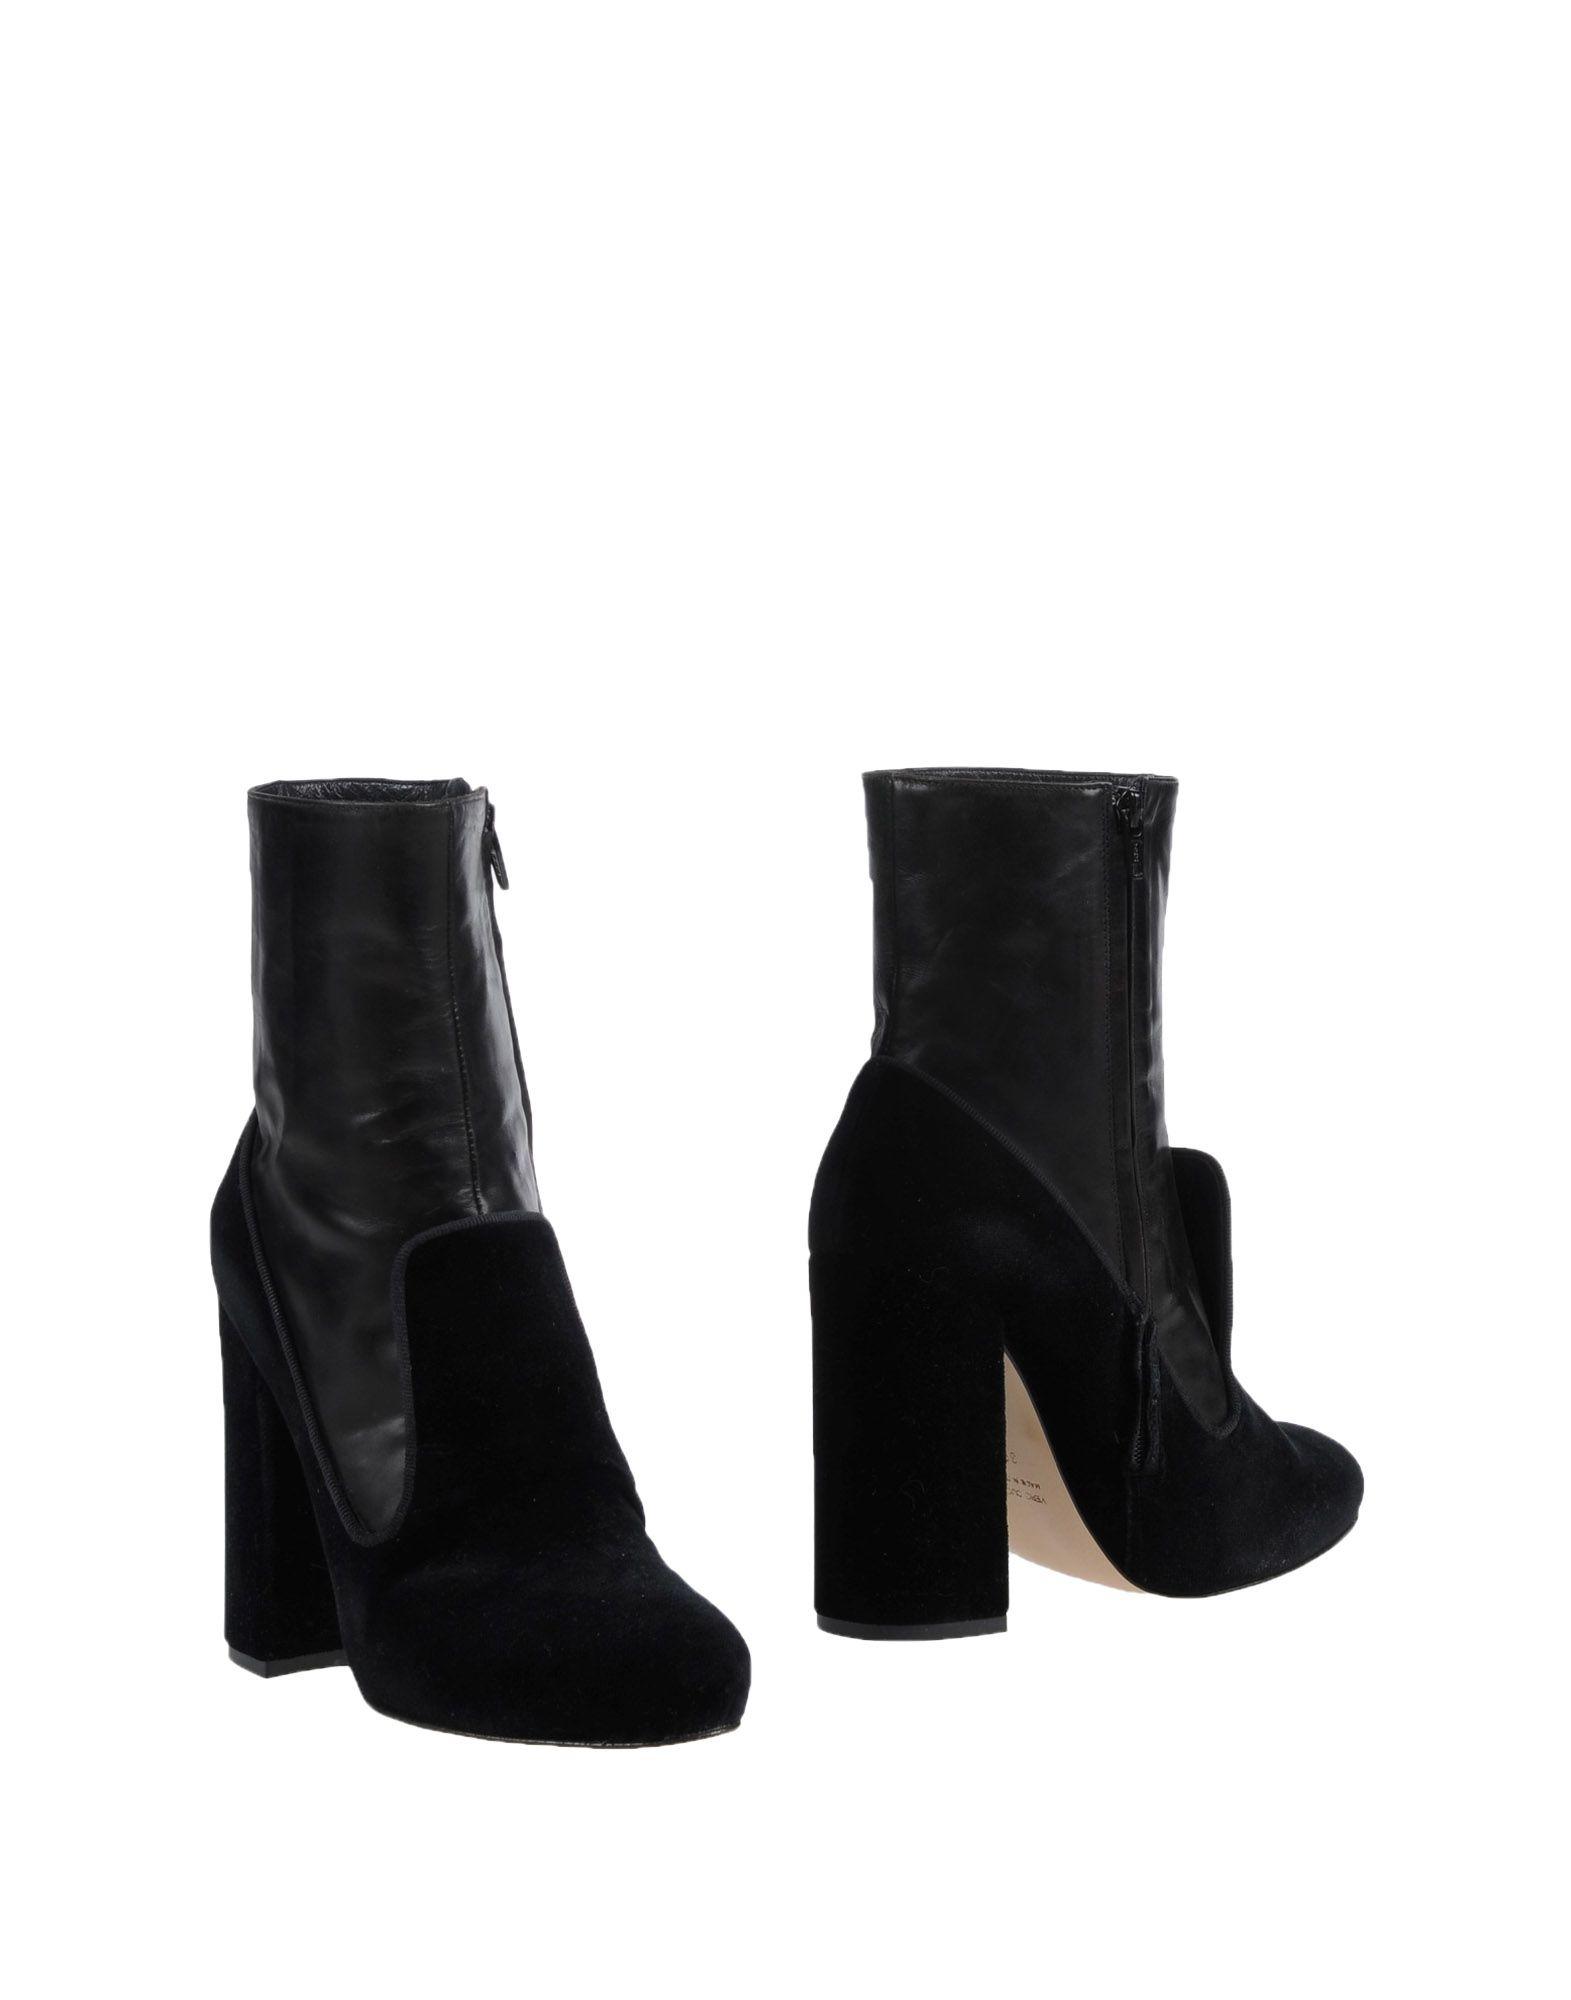 Rabatt Schuhe Erika Damen Cavallini Stiefelette Damen Erika  11448456UX 4a41a4